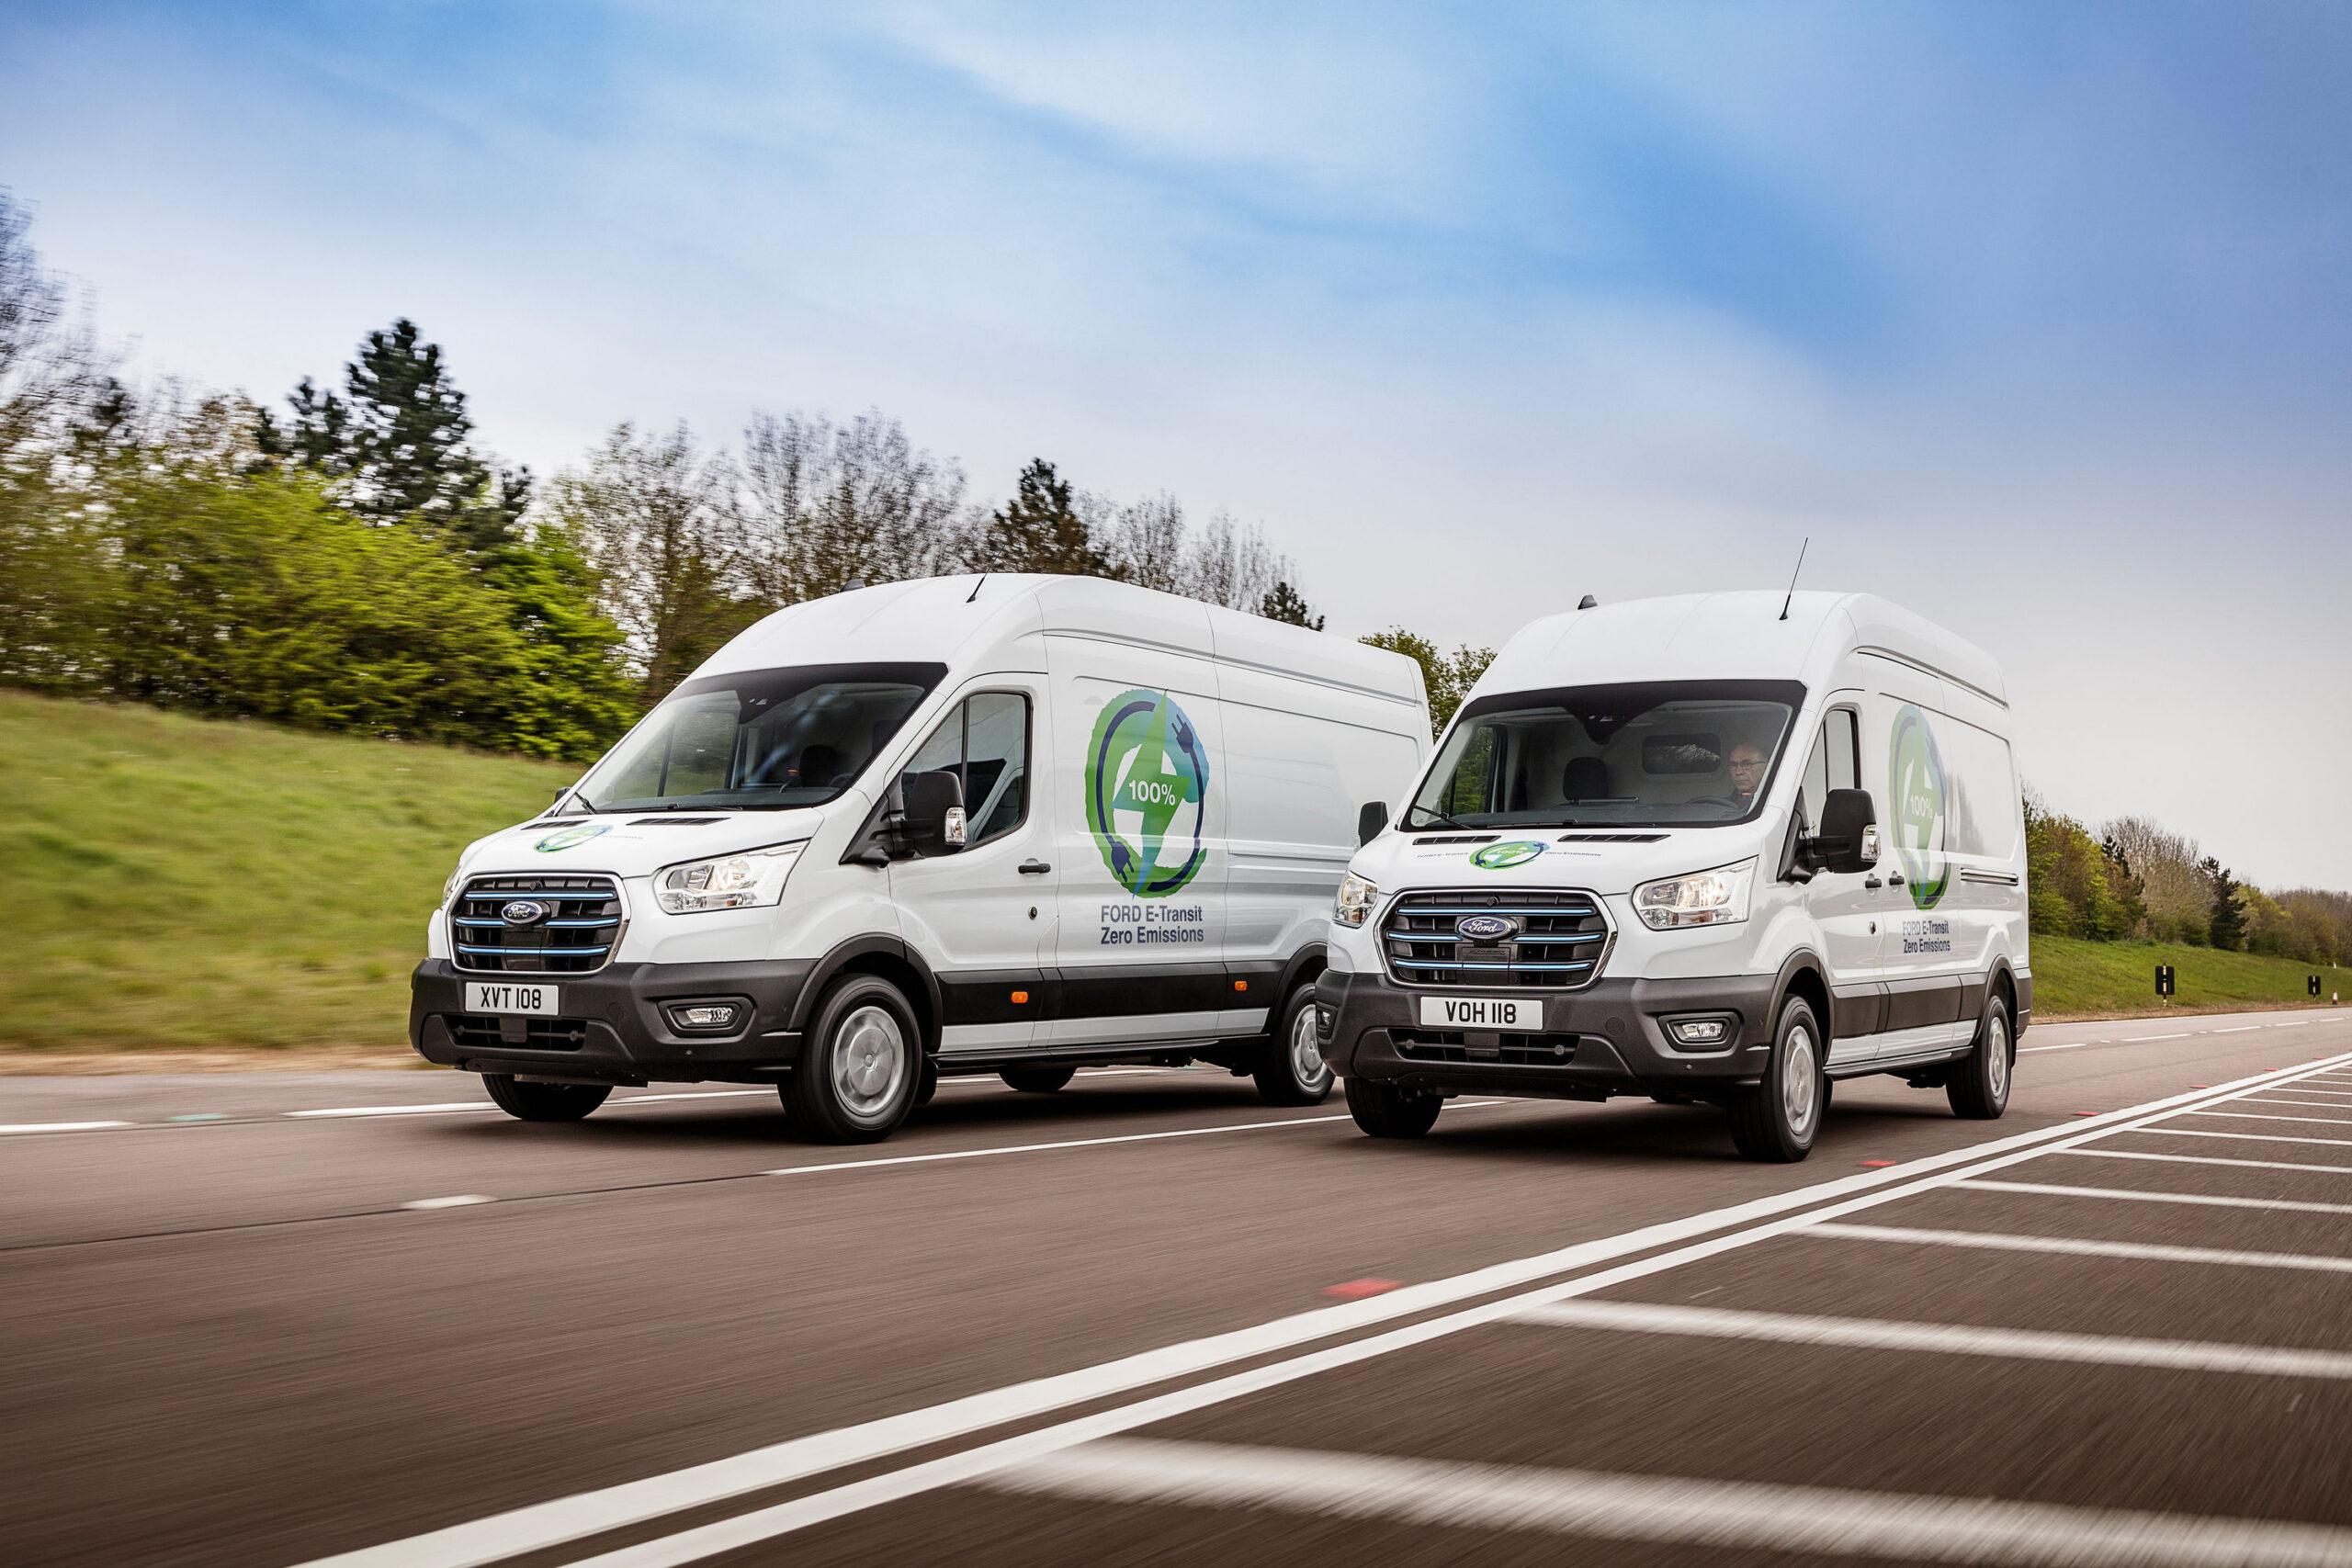 Η Ford ανακοινώνει το πρόγραμμα δοκιμών με Ευρωπαίους πελάτες για το νέο αμιγώς ηλεκτρικό E-Transit Van